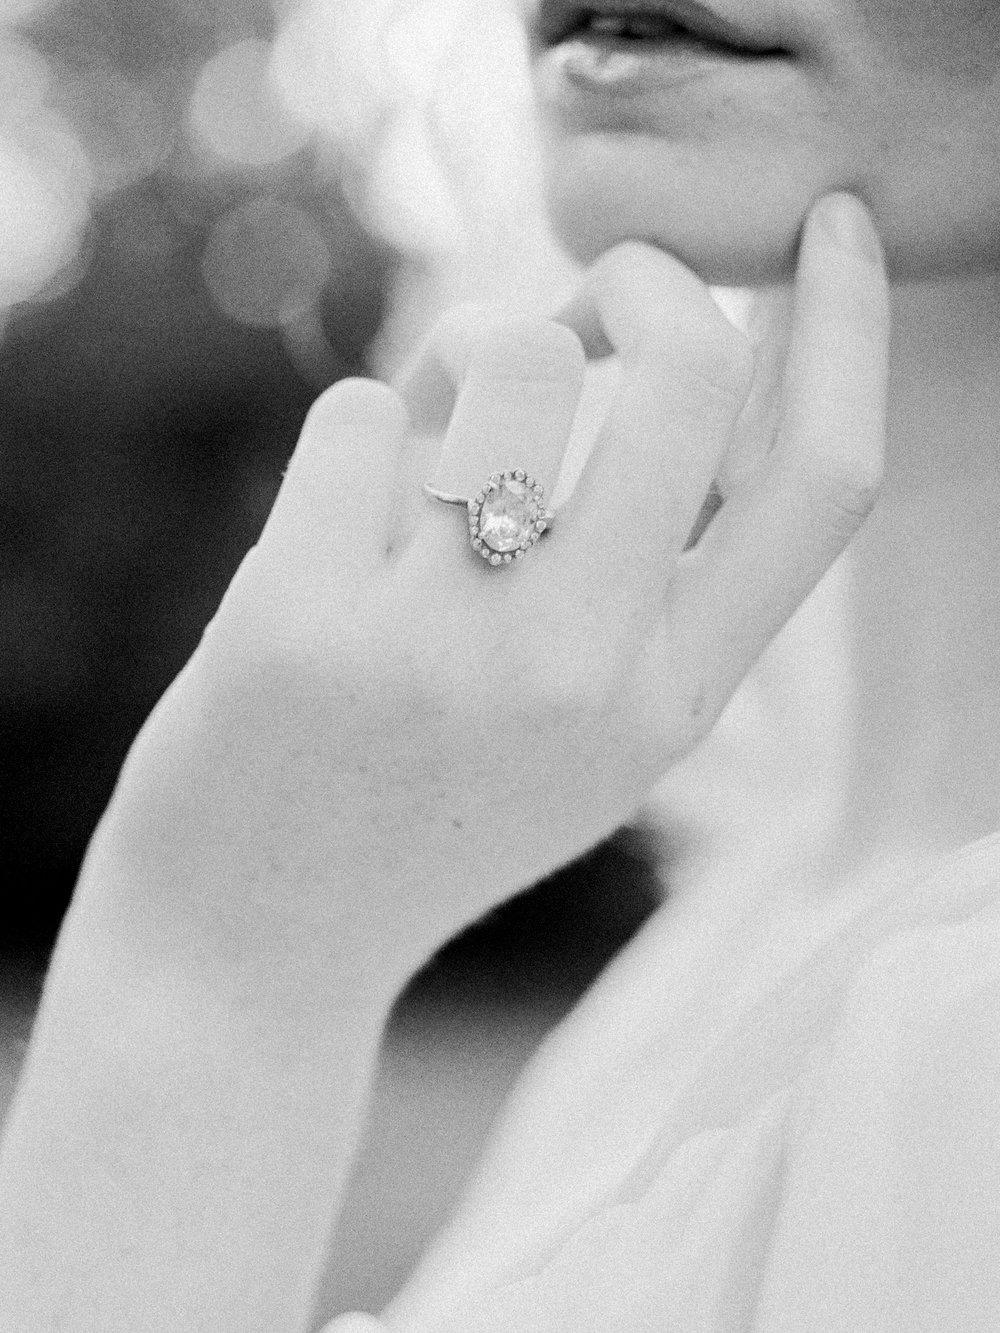 Christine Gosch - houston wedding photographer - elopement photographer - intimate wedding photographer - susie saltzman unique wedding rings